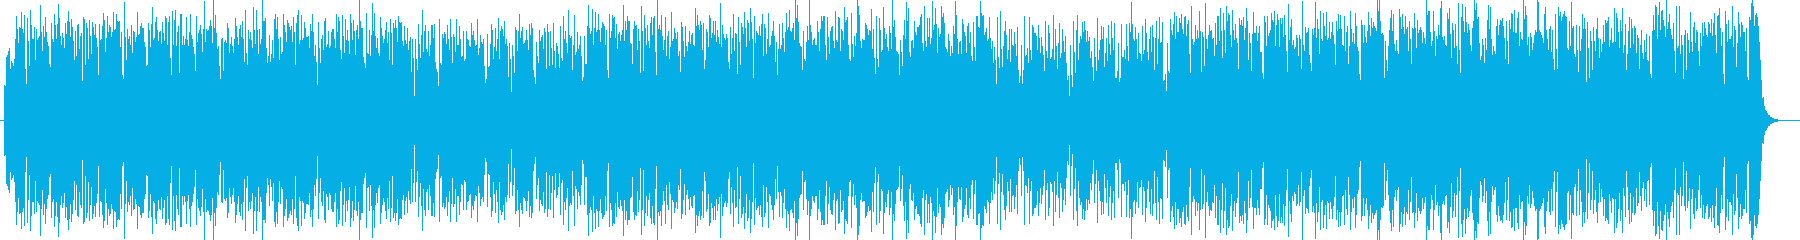 可愛く軽快なピアノポップスの再生済みの波形